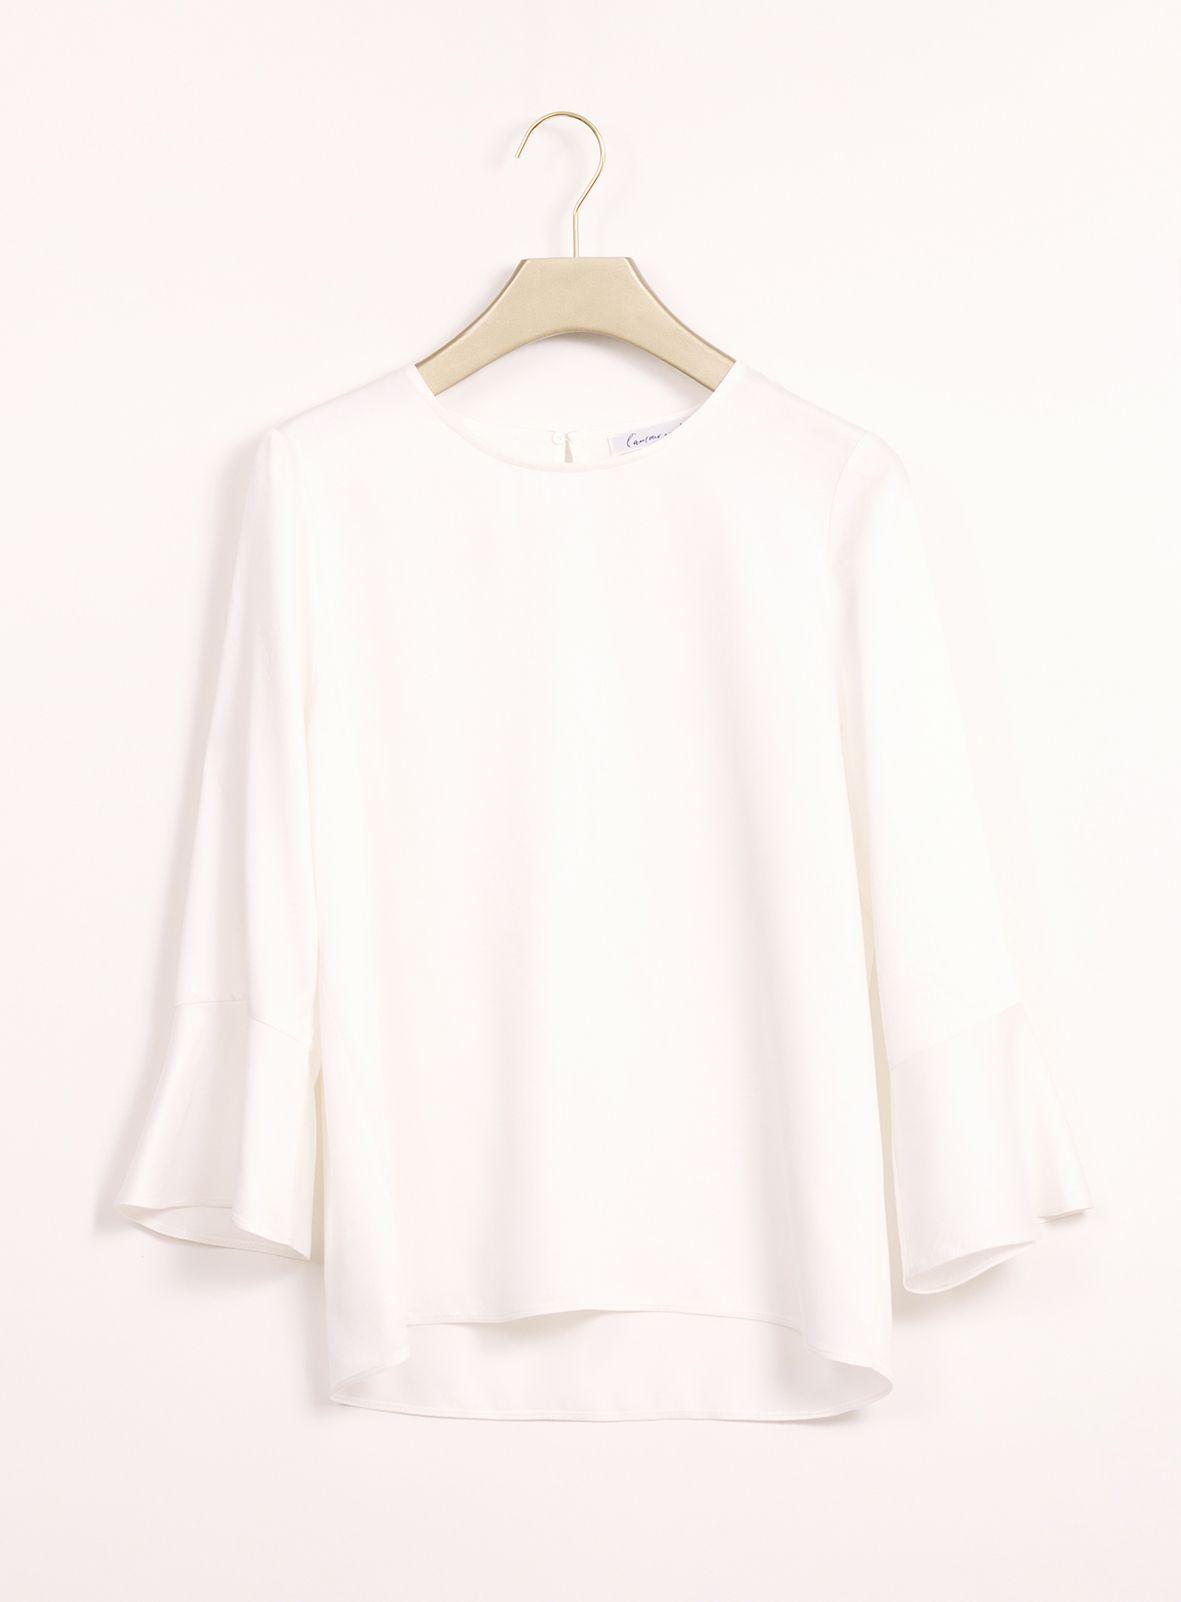 l'amour est bleu - Bluse Viola - Modern sustainable fashion - www.lamourestbleu.com